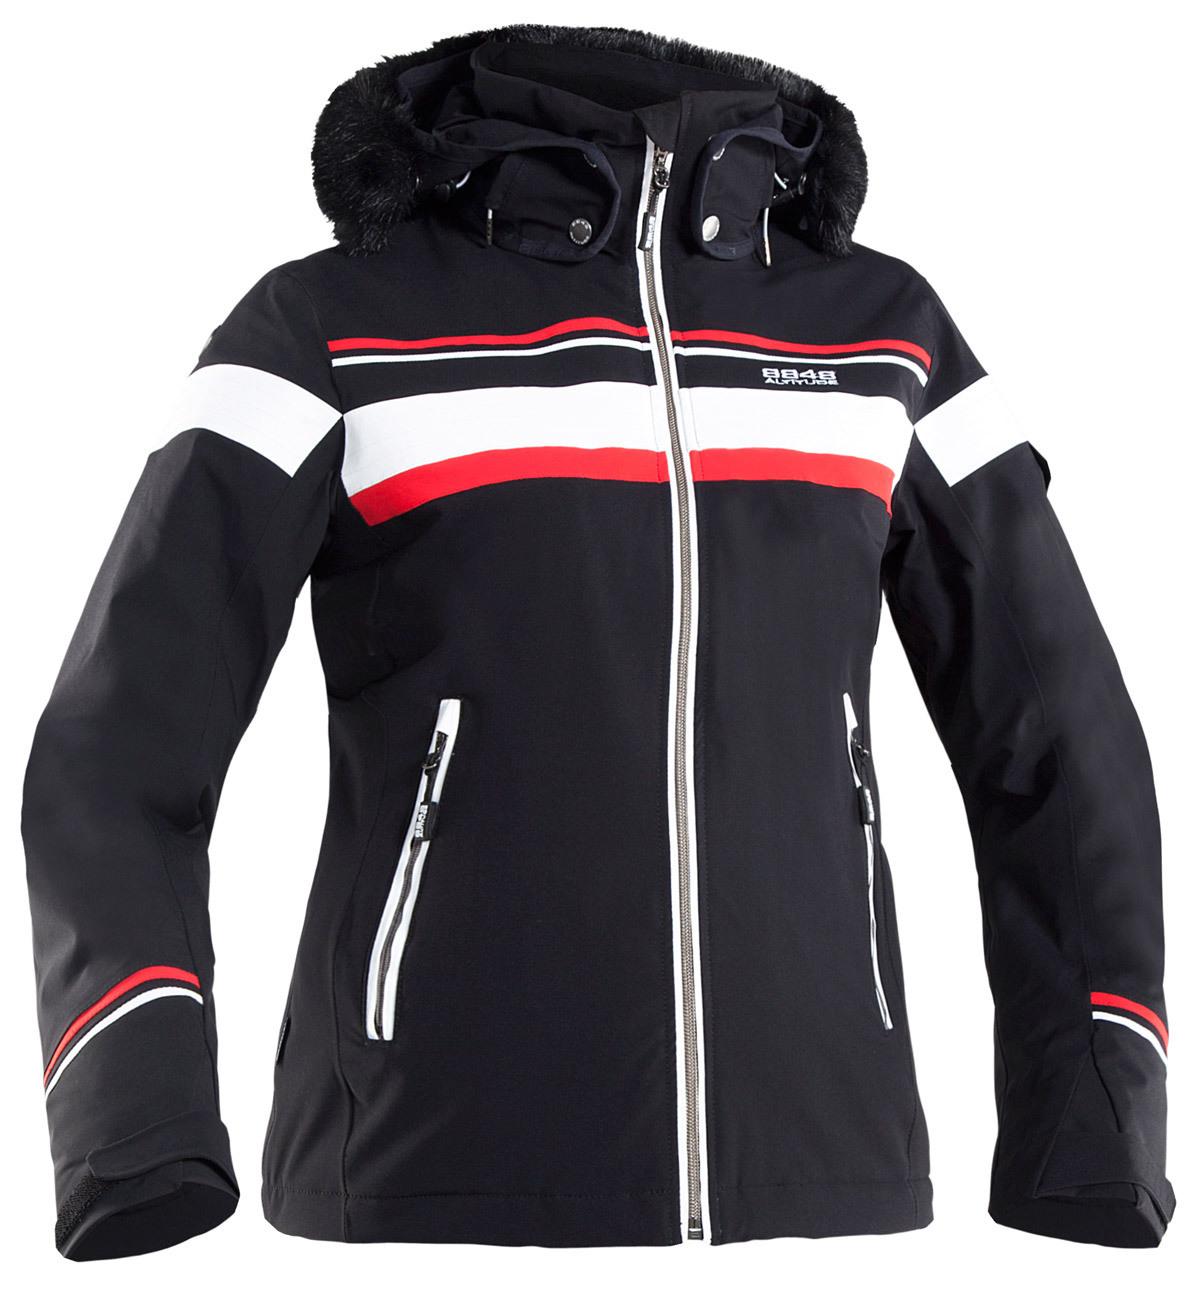 Горнолыжная куртка 8848 Altitude Carlin черная